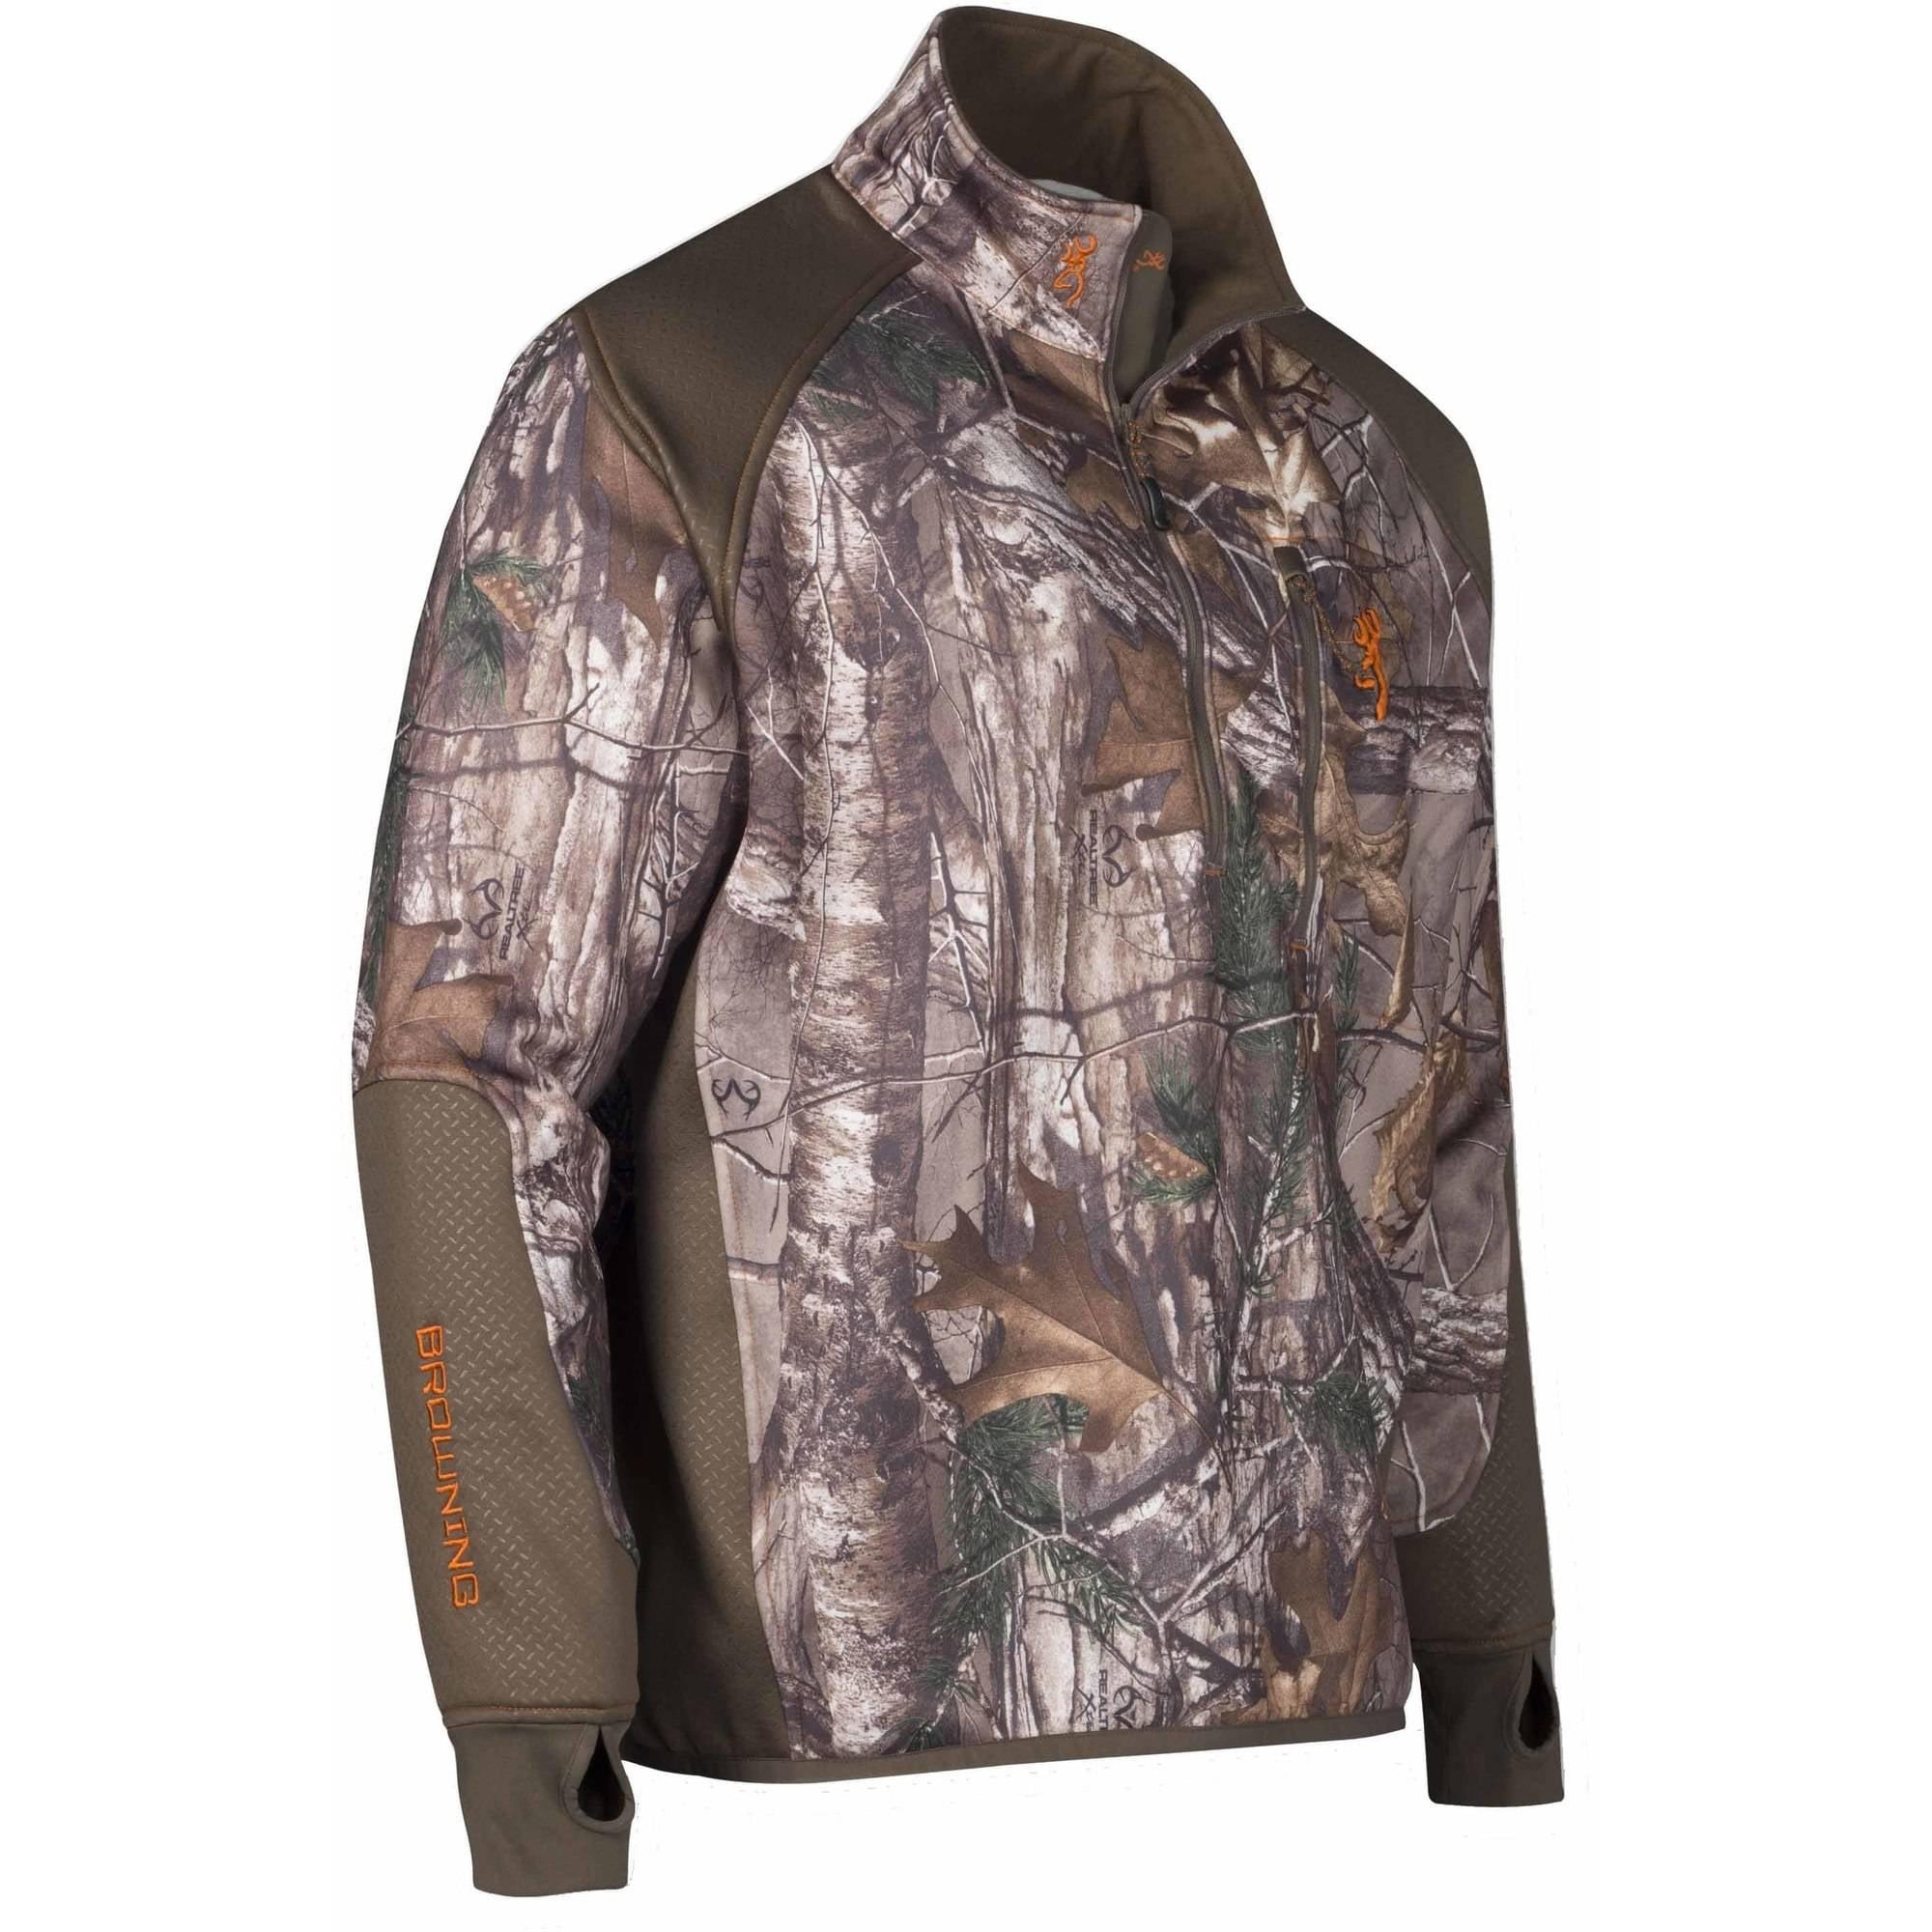 Hell's Canyon Performance Fleece 1/4 Zip Jacket